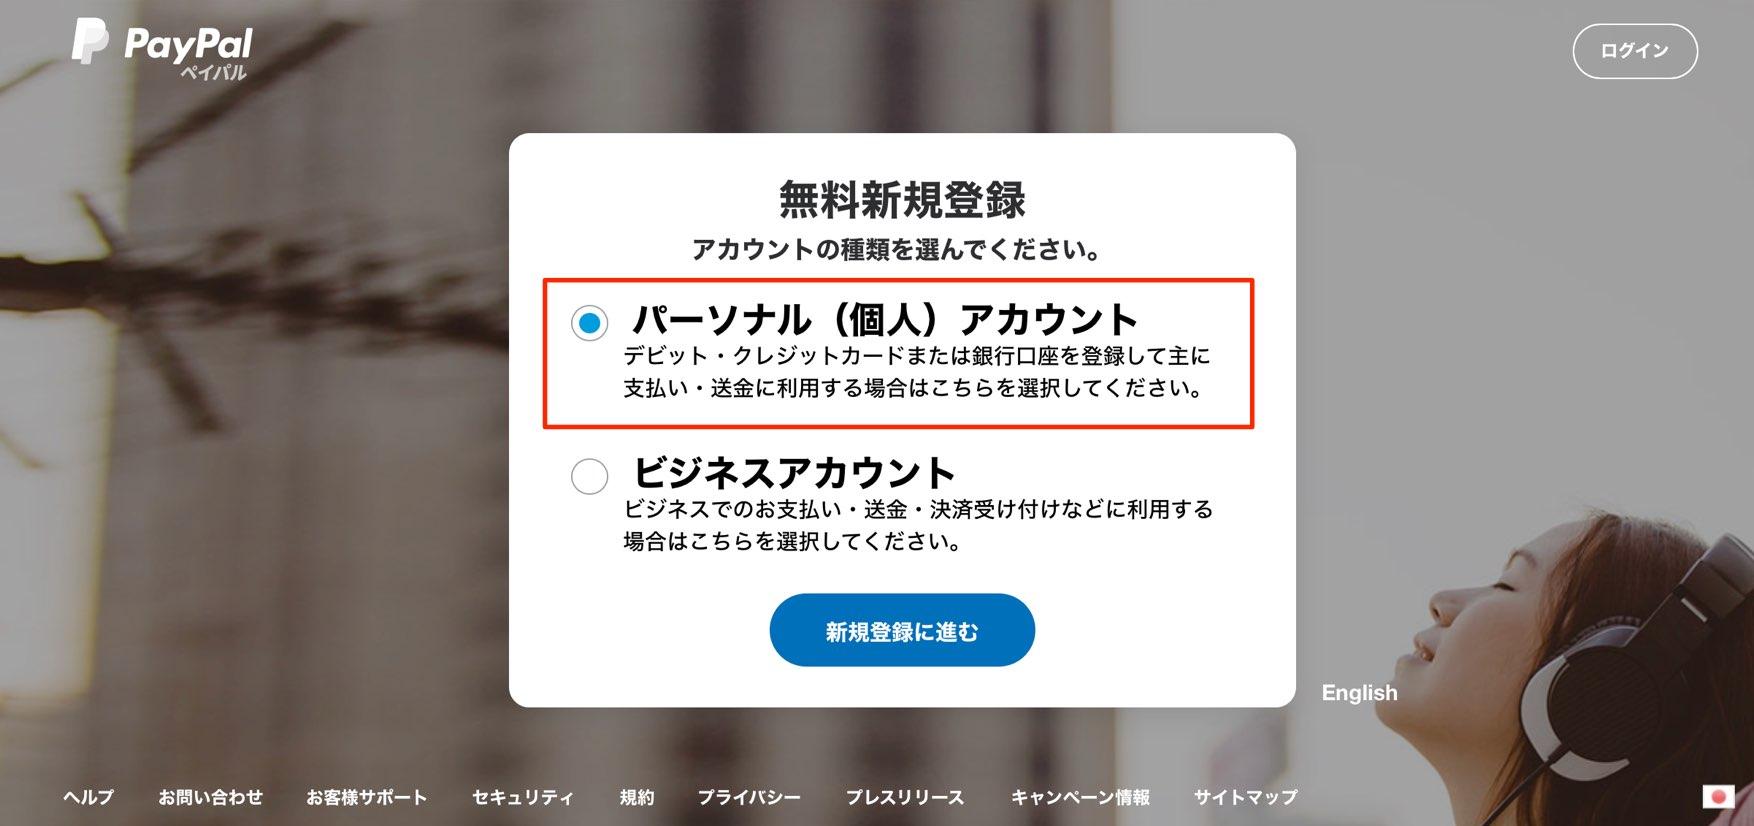 世界中のユーザーがPayPalを利用しています - 無料で新規登録